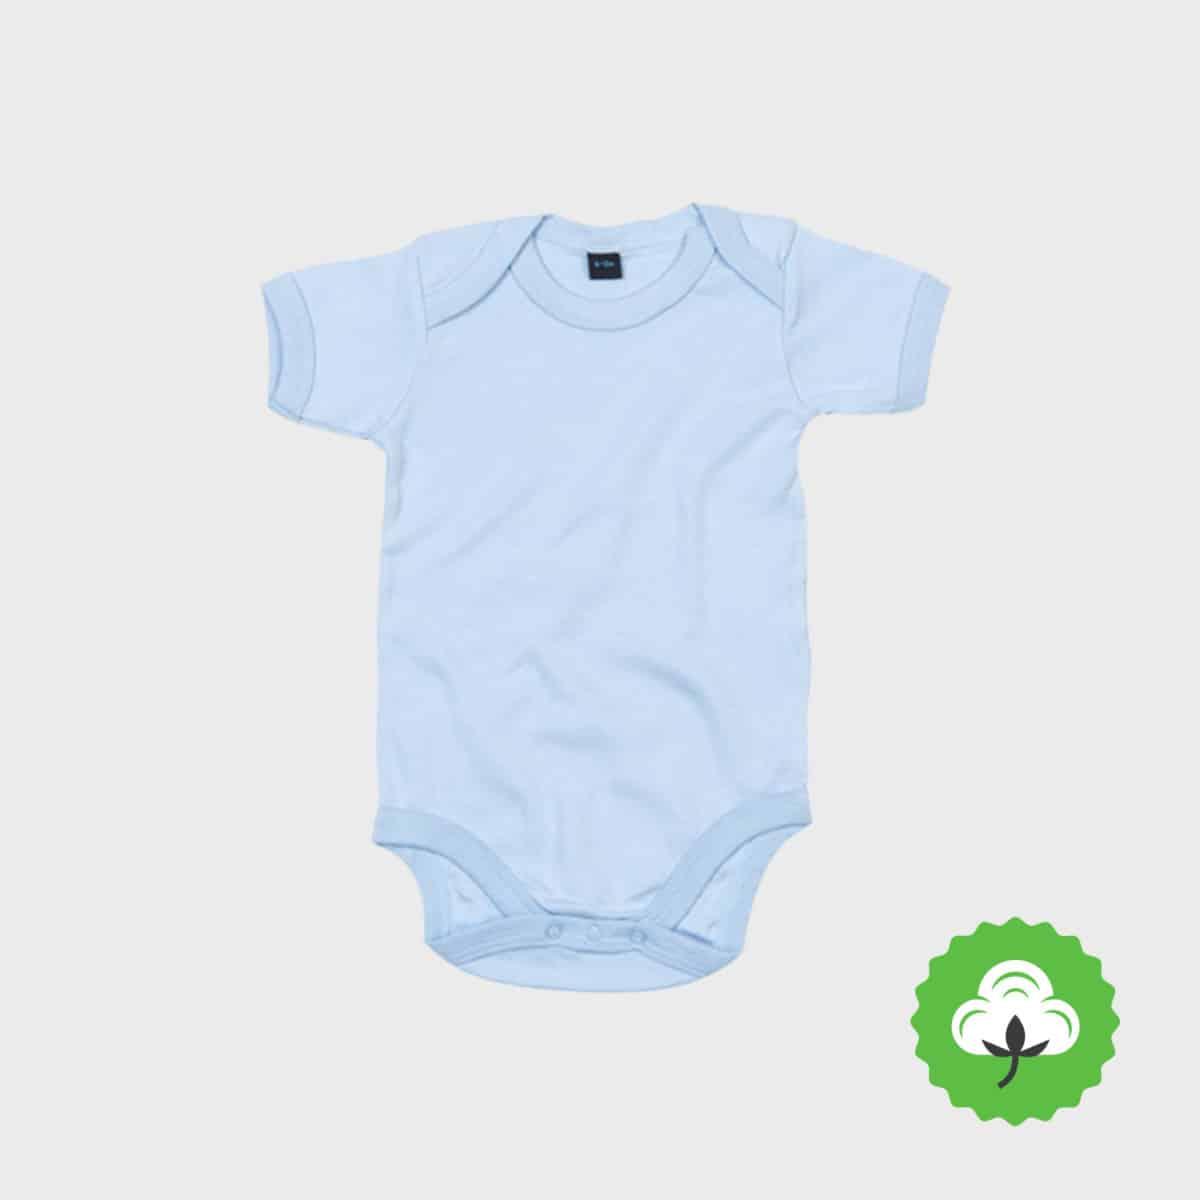 Baby-body-besticken-lassen